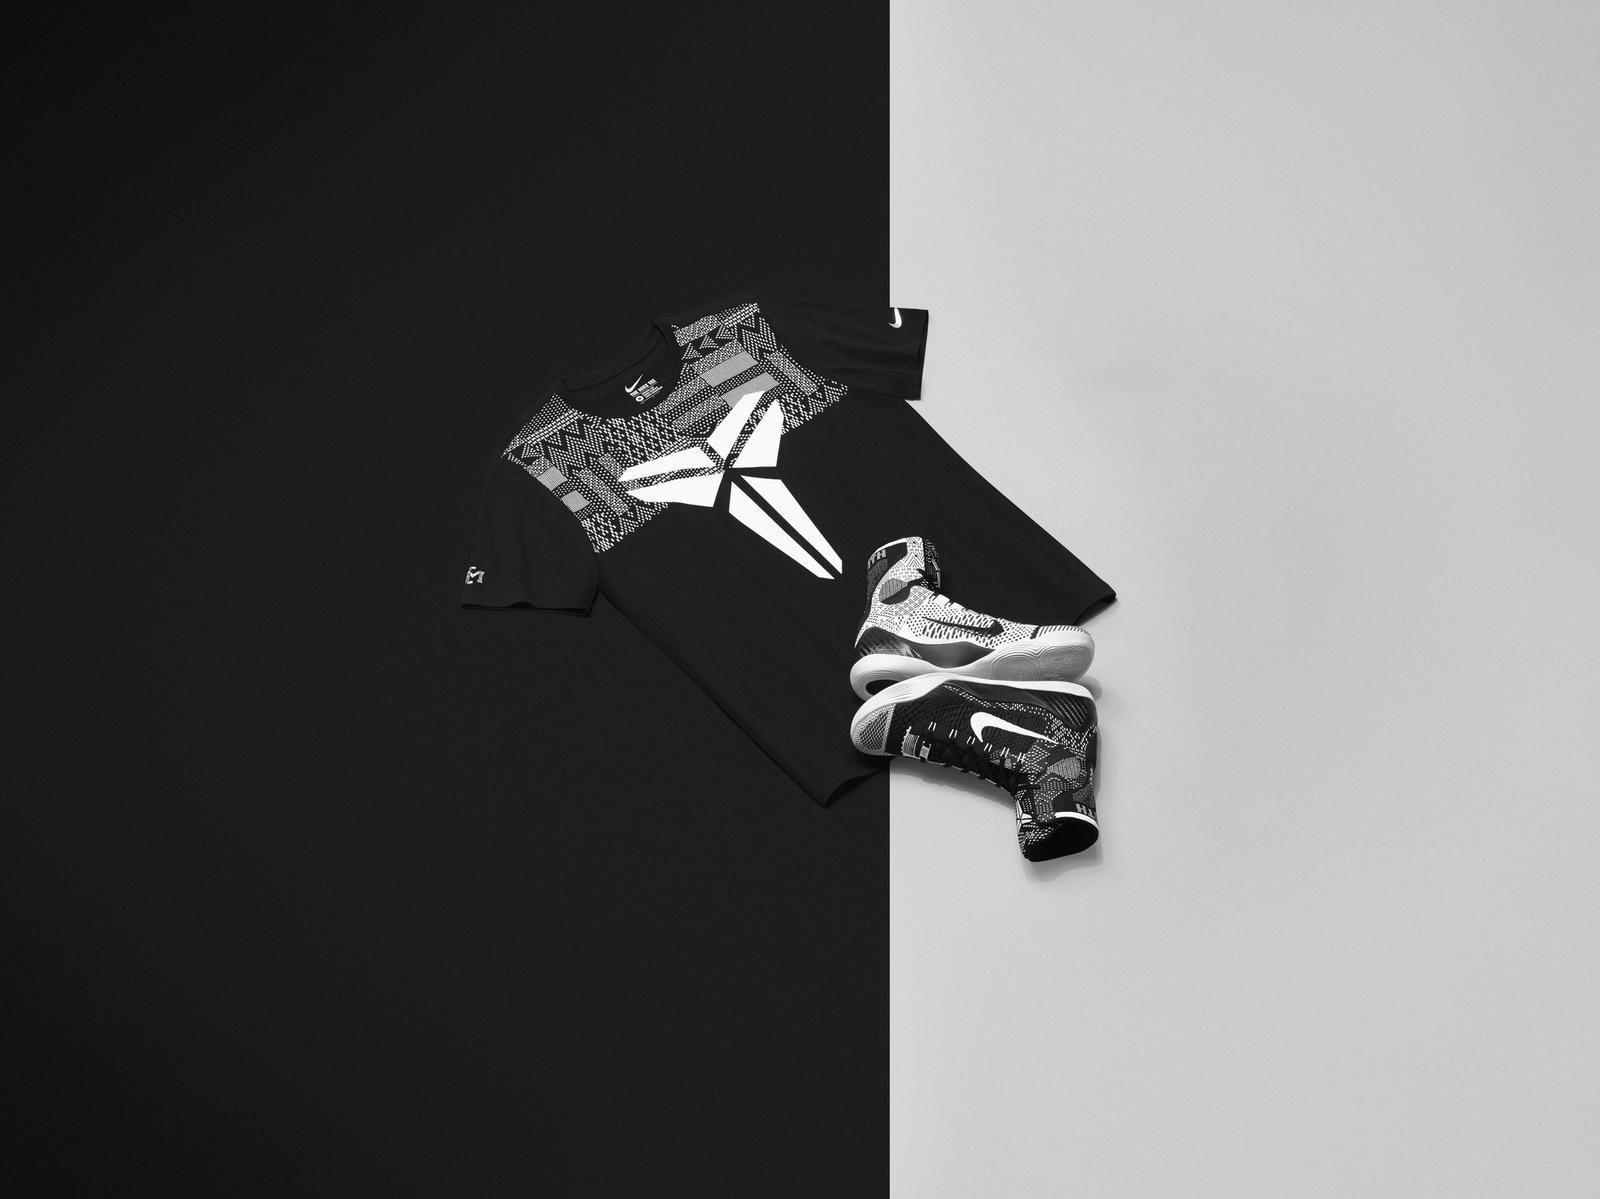 Nike_SP15_BHM_KOBE_CLT_Final